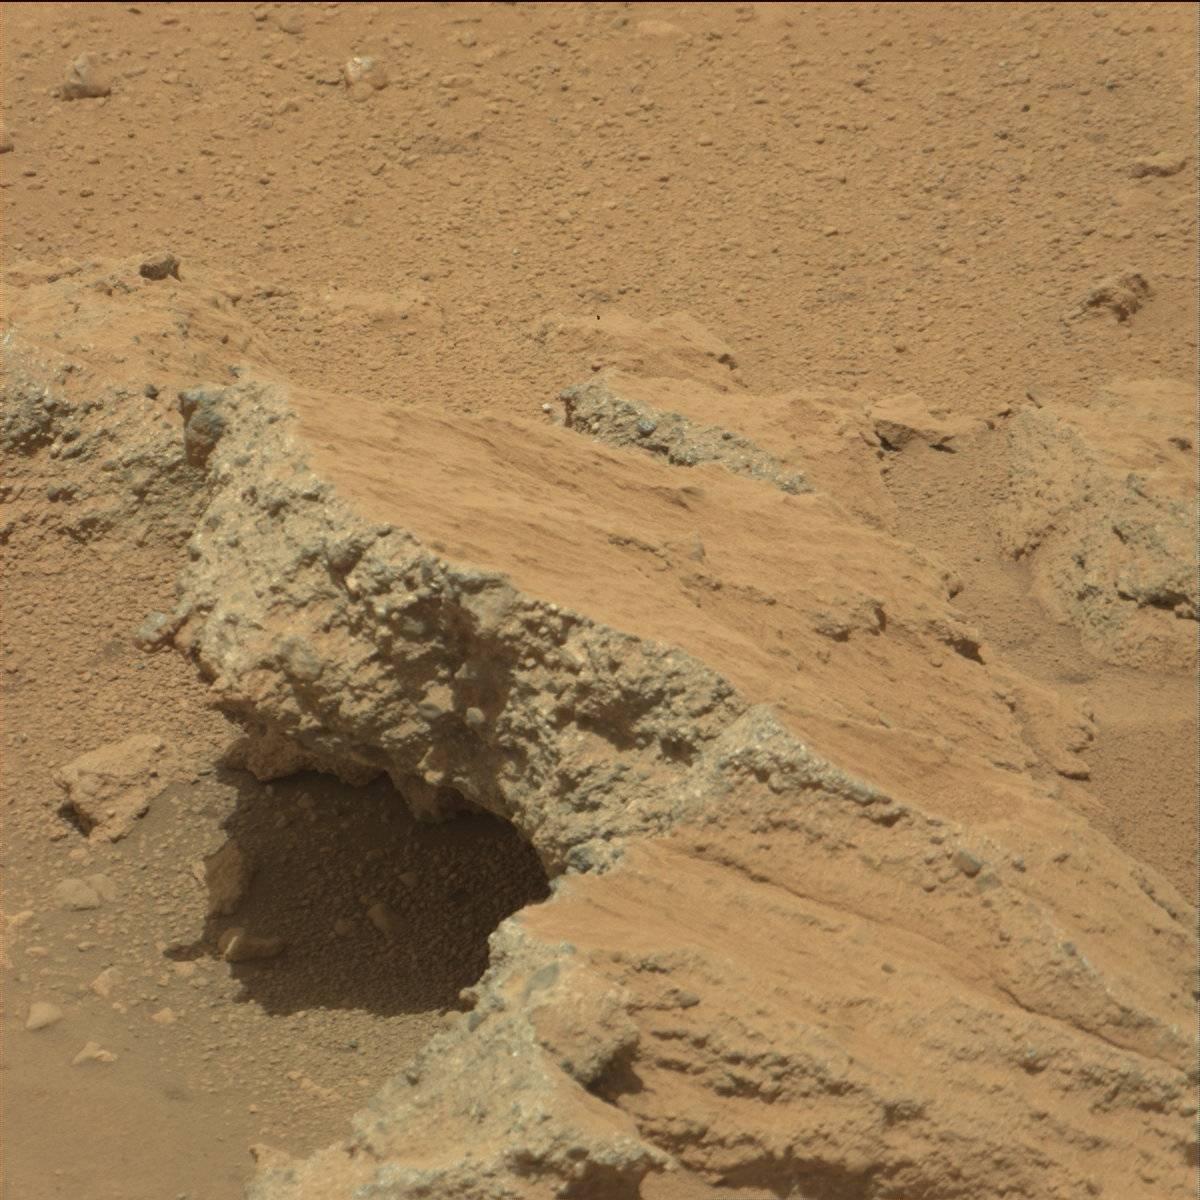 nasa images of mars - photo #28